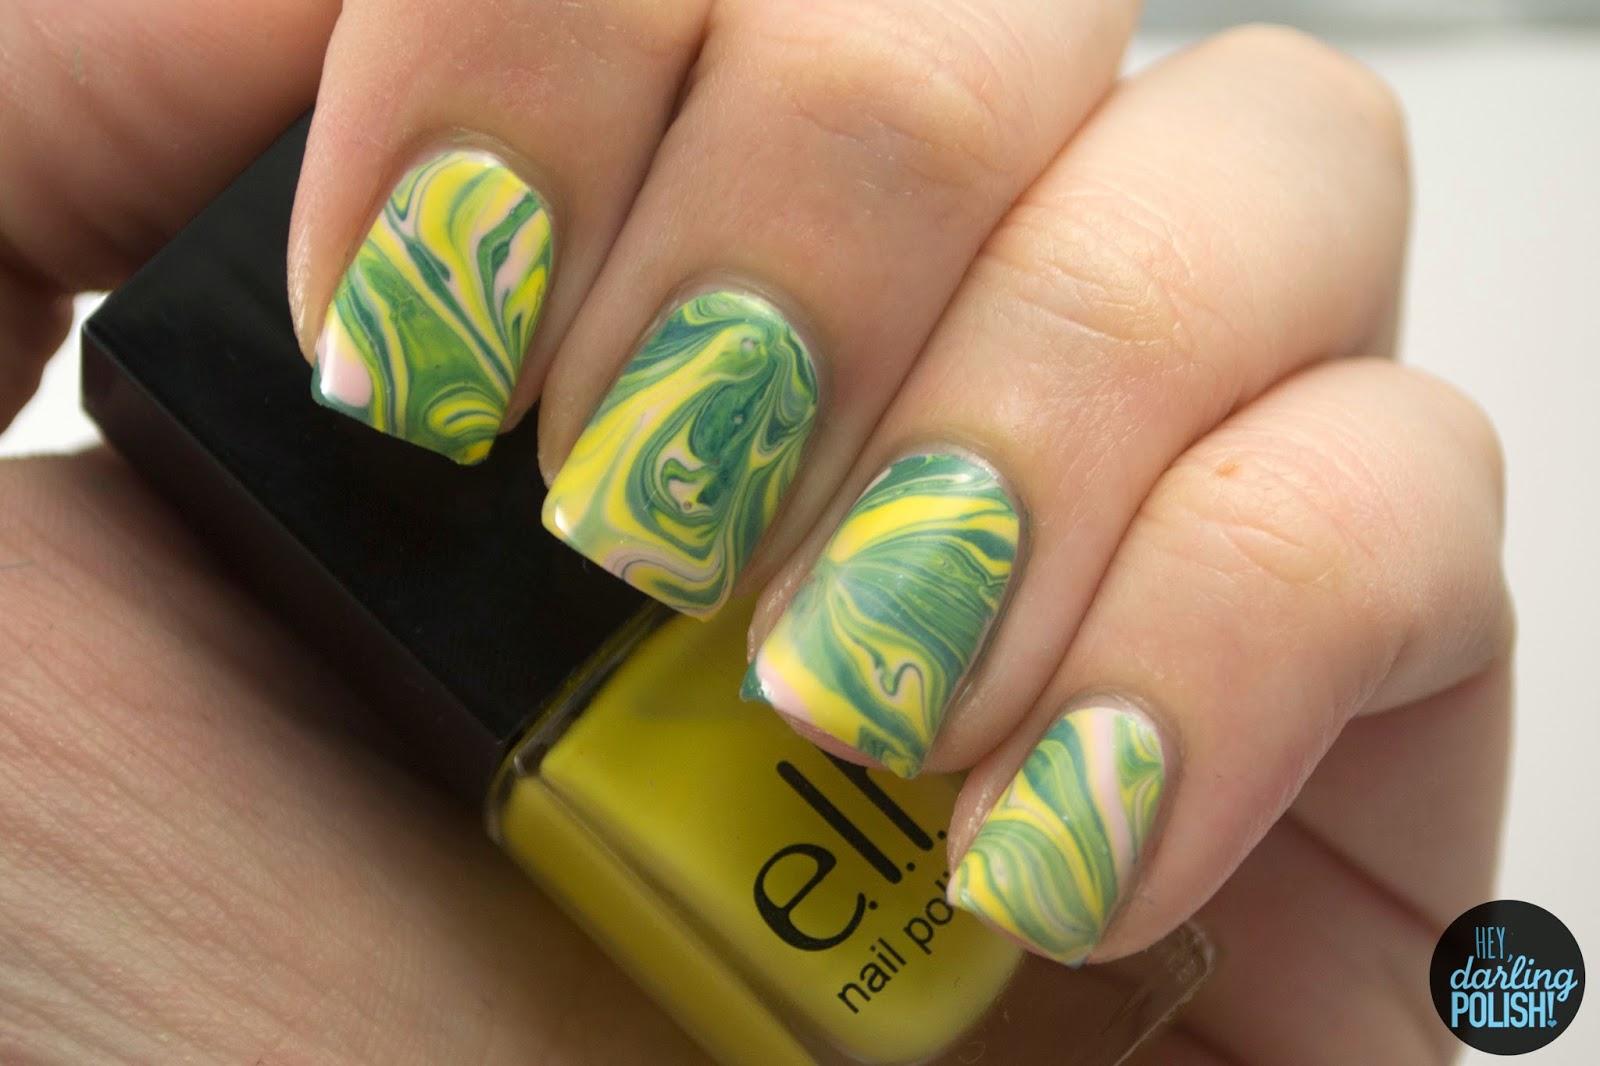 nails, nail art, nail polish, polish, yellow, blue, pink, watermarble, hey darling polish, tri polish challenge, tpc